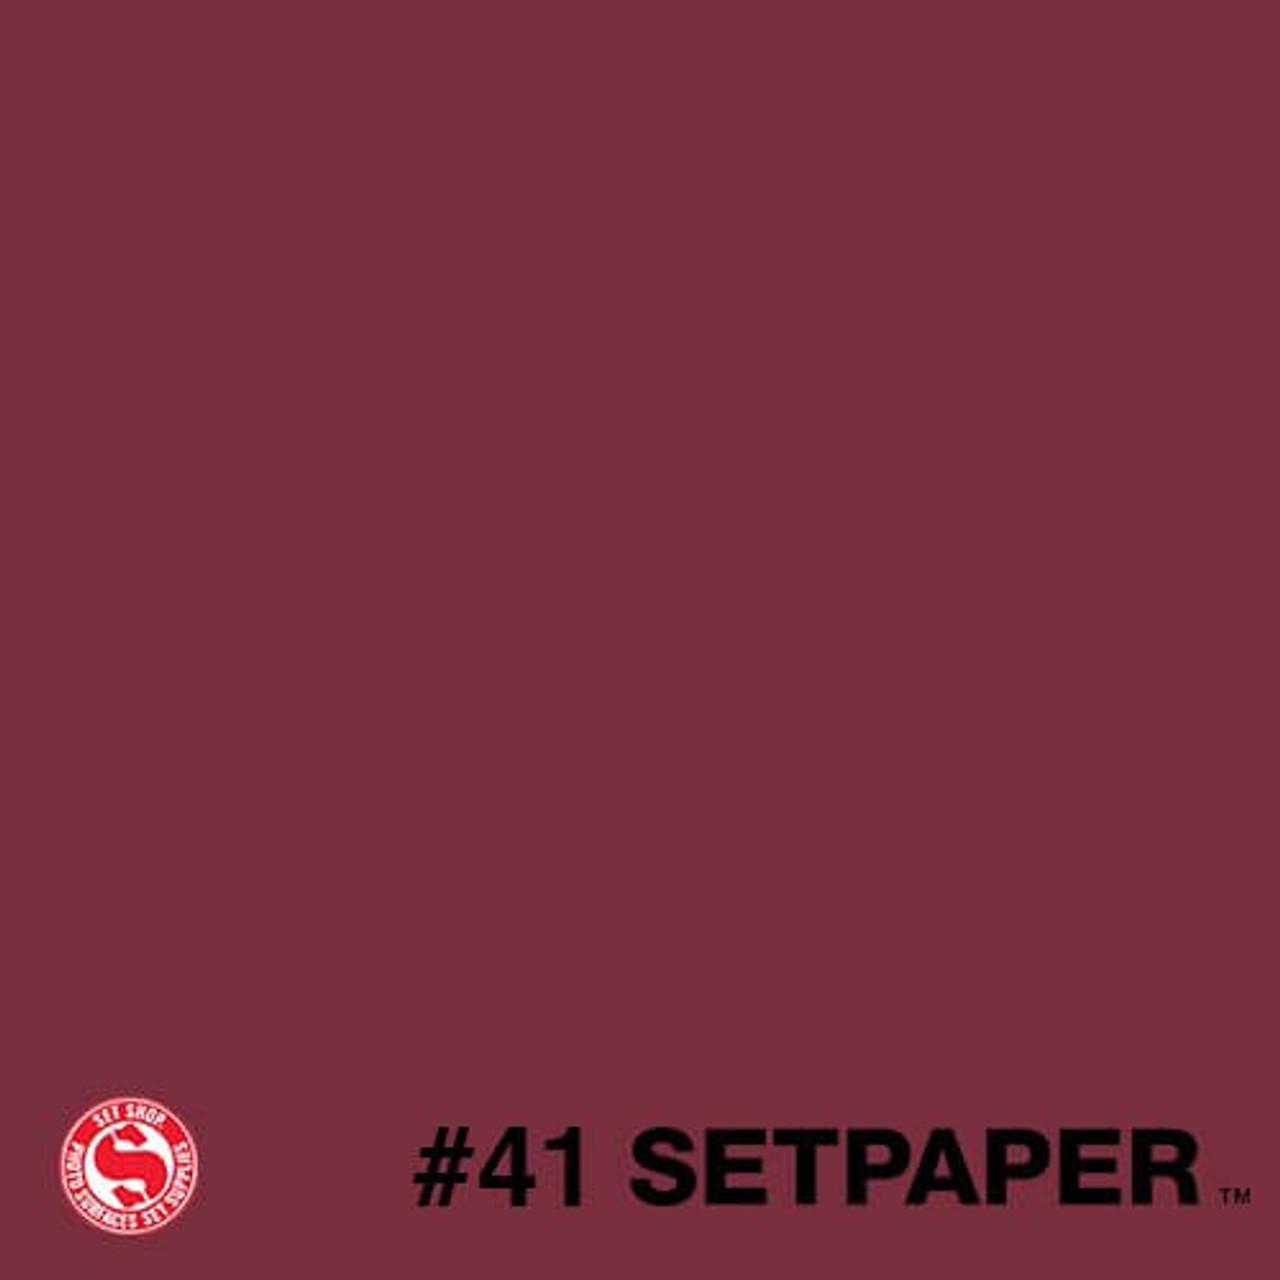 """141 SETPAPER - RED 53"""" x 36' (1.3 x 11m)"""